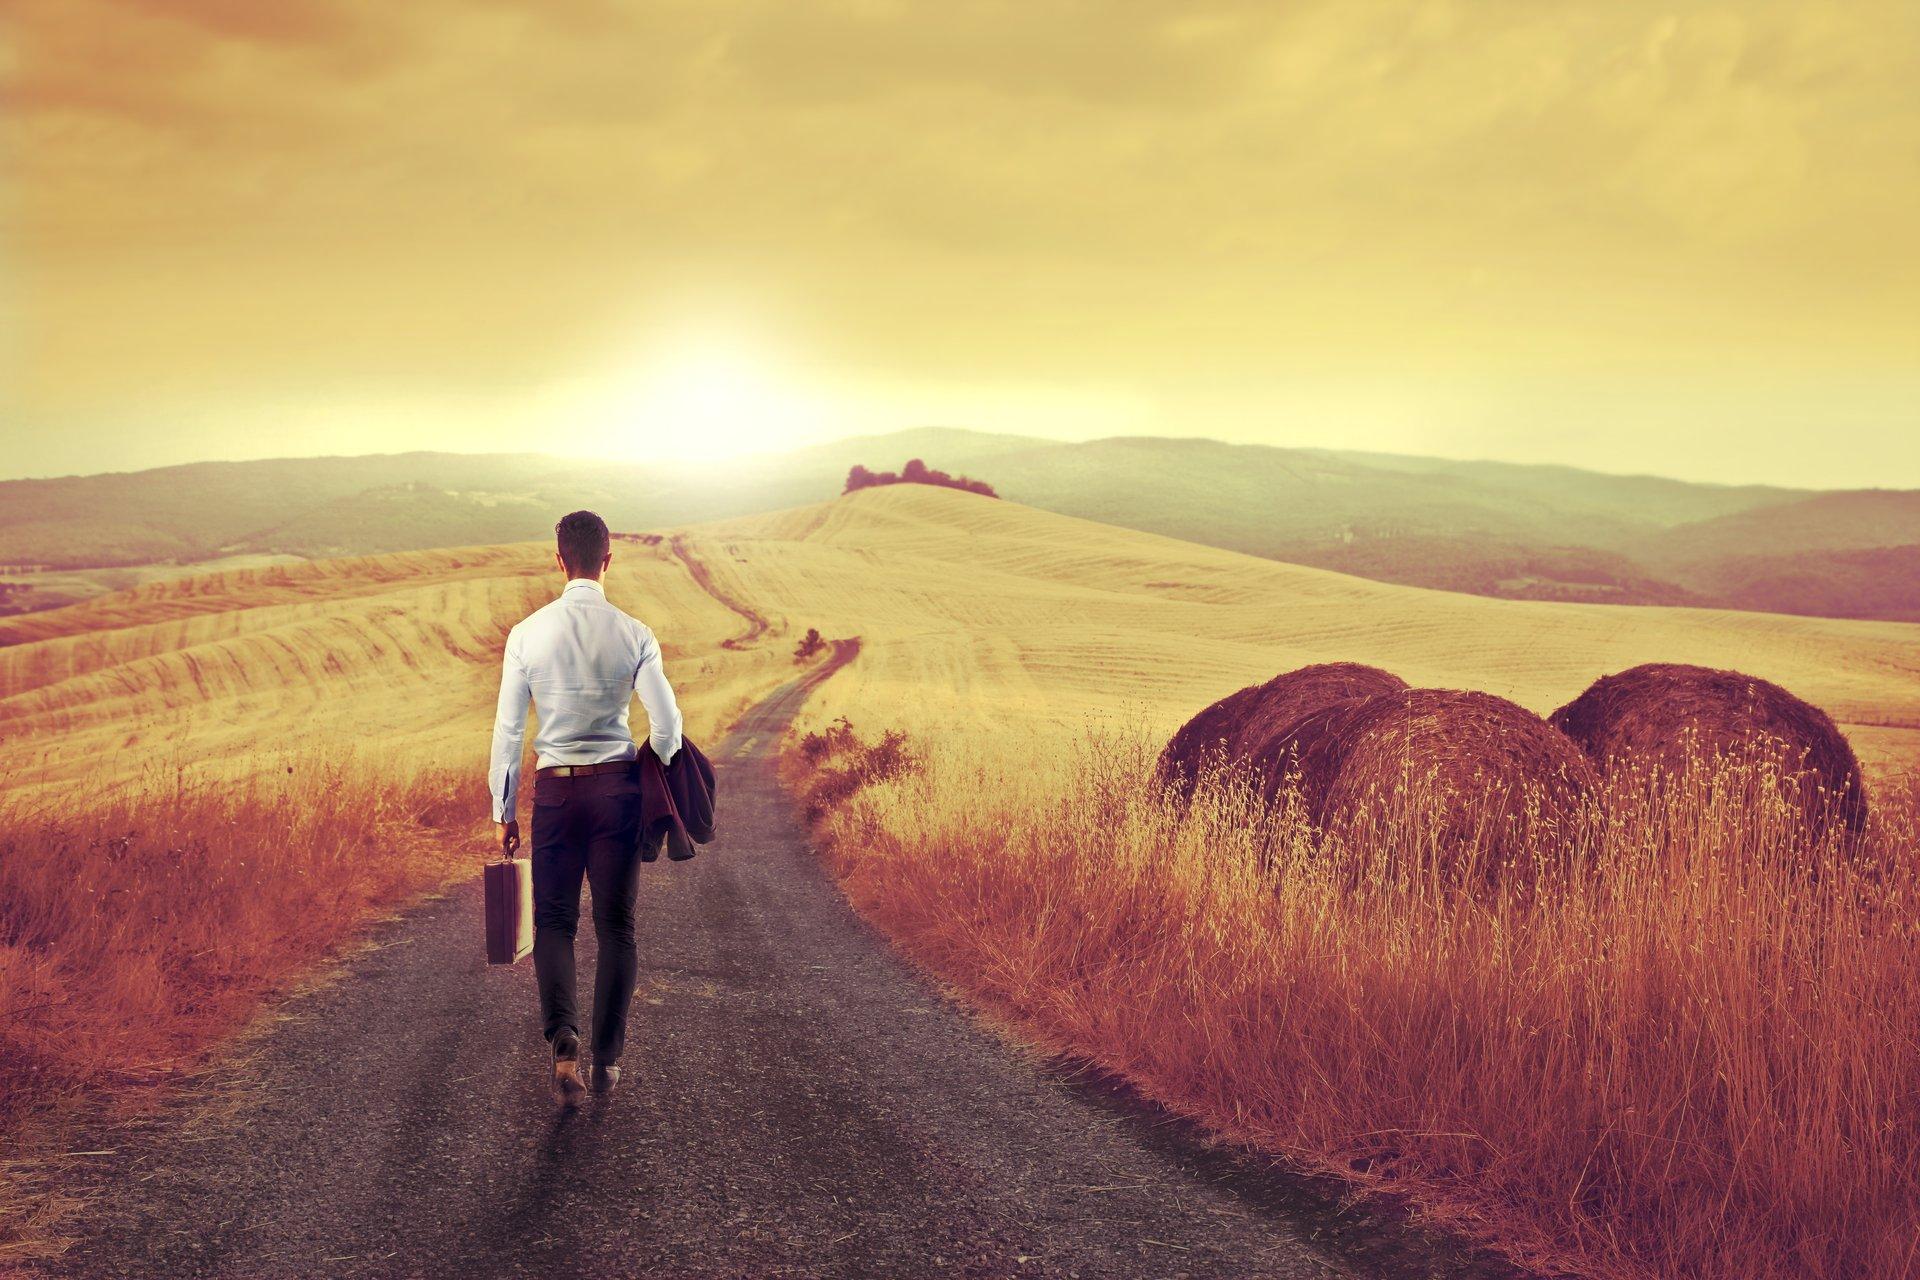 Man in suit walking on long road towards sun.